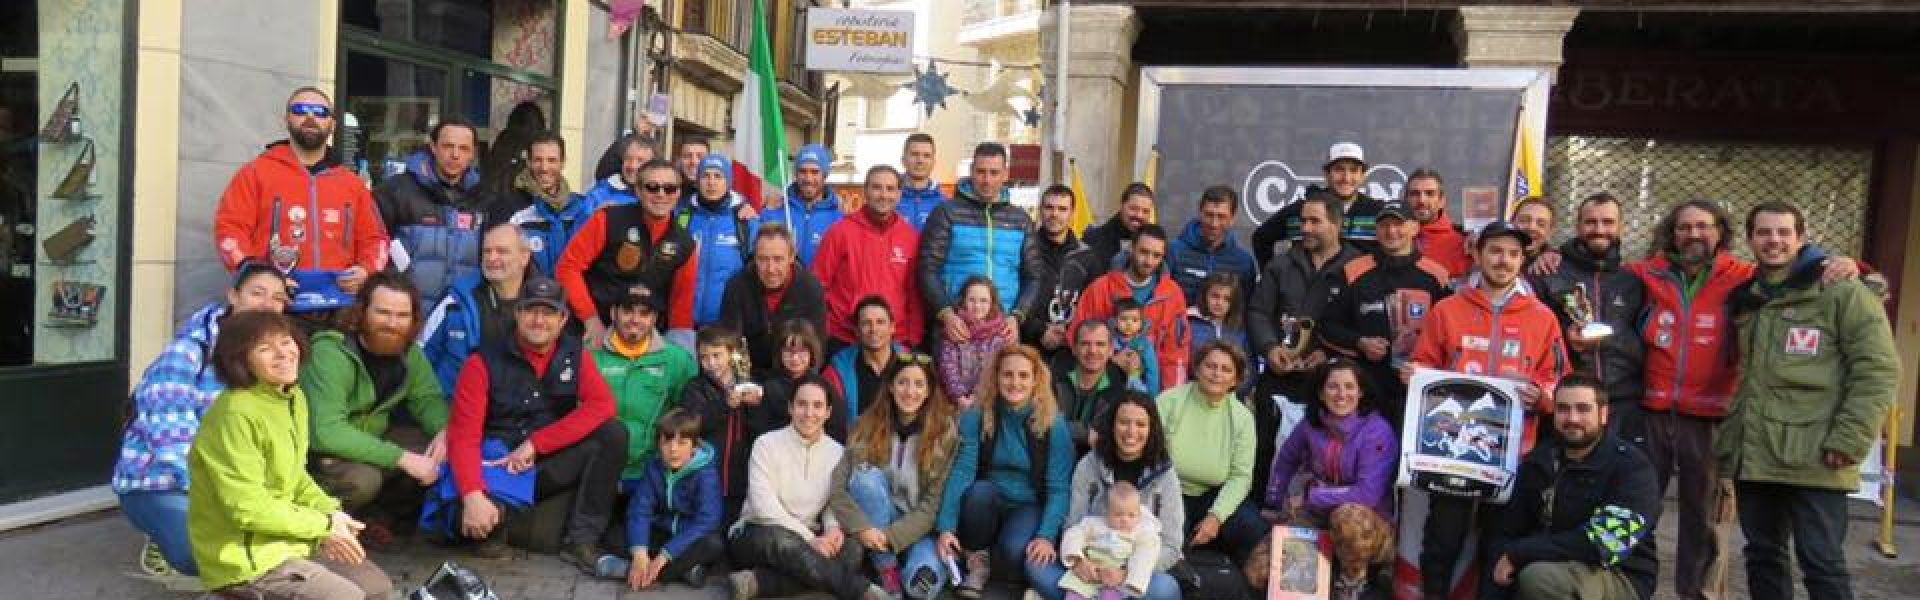 Spain Long Distance